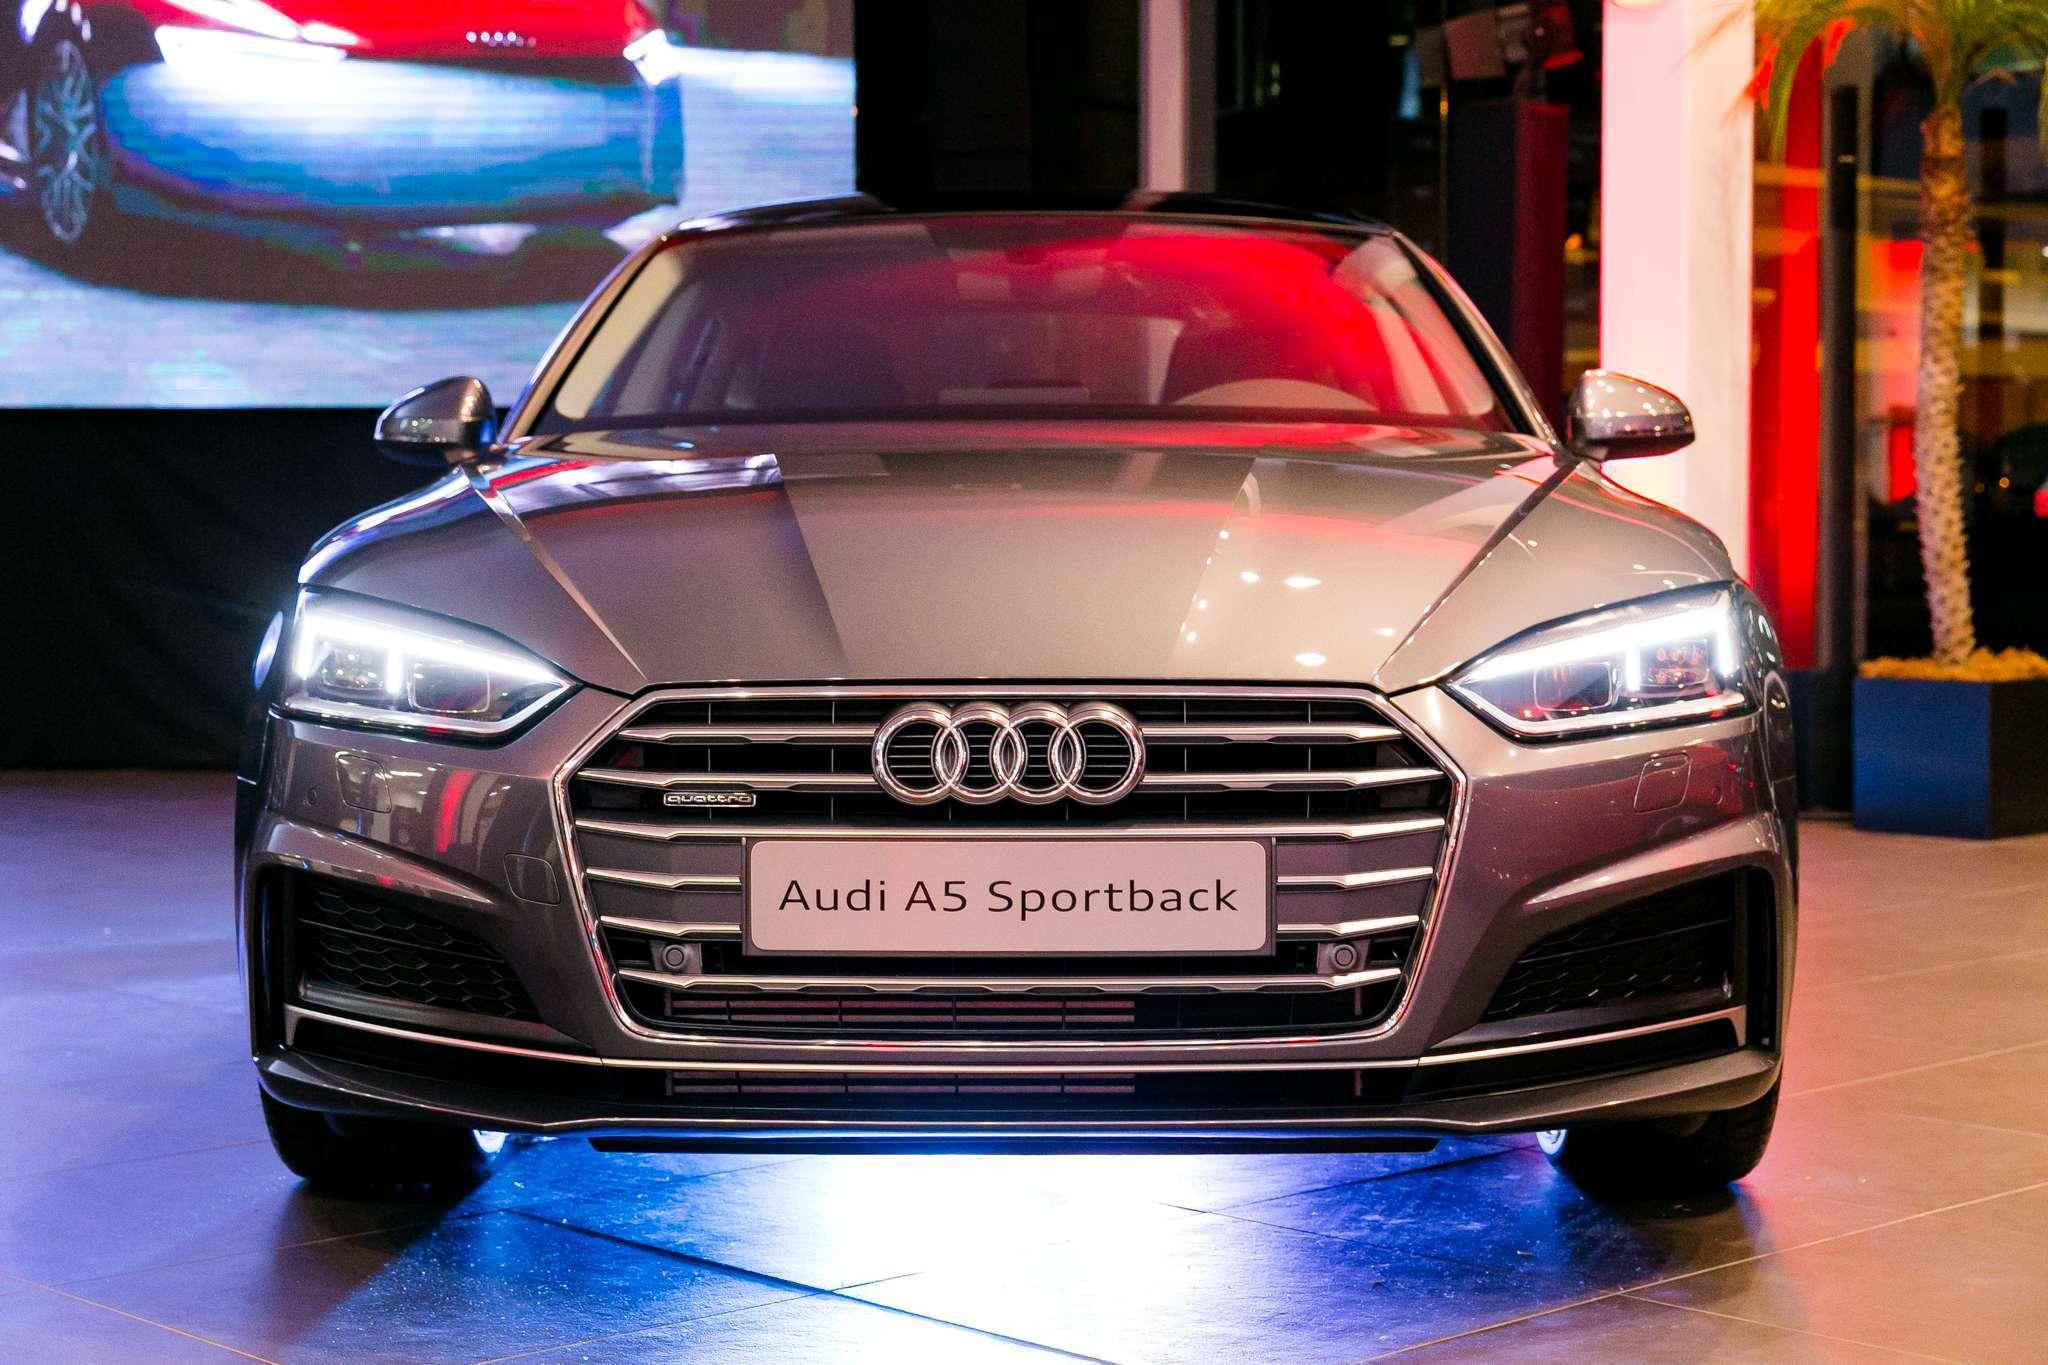 Audi A5 Sportback é lançado em Santa Catarina 1